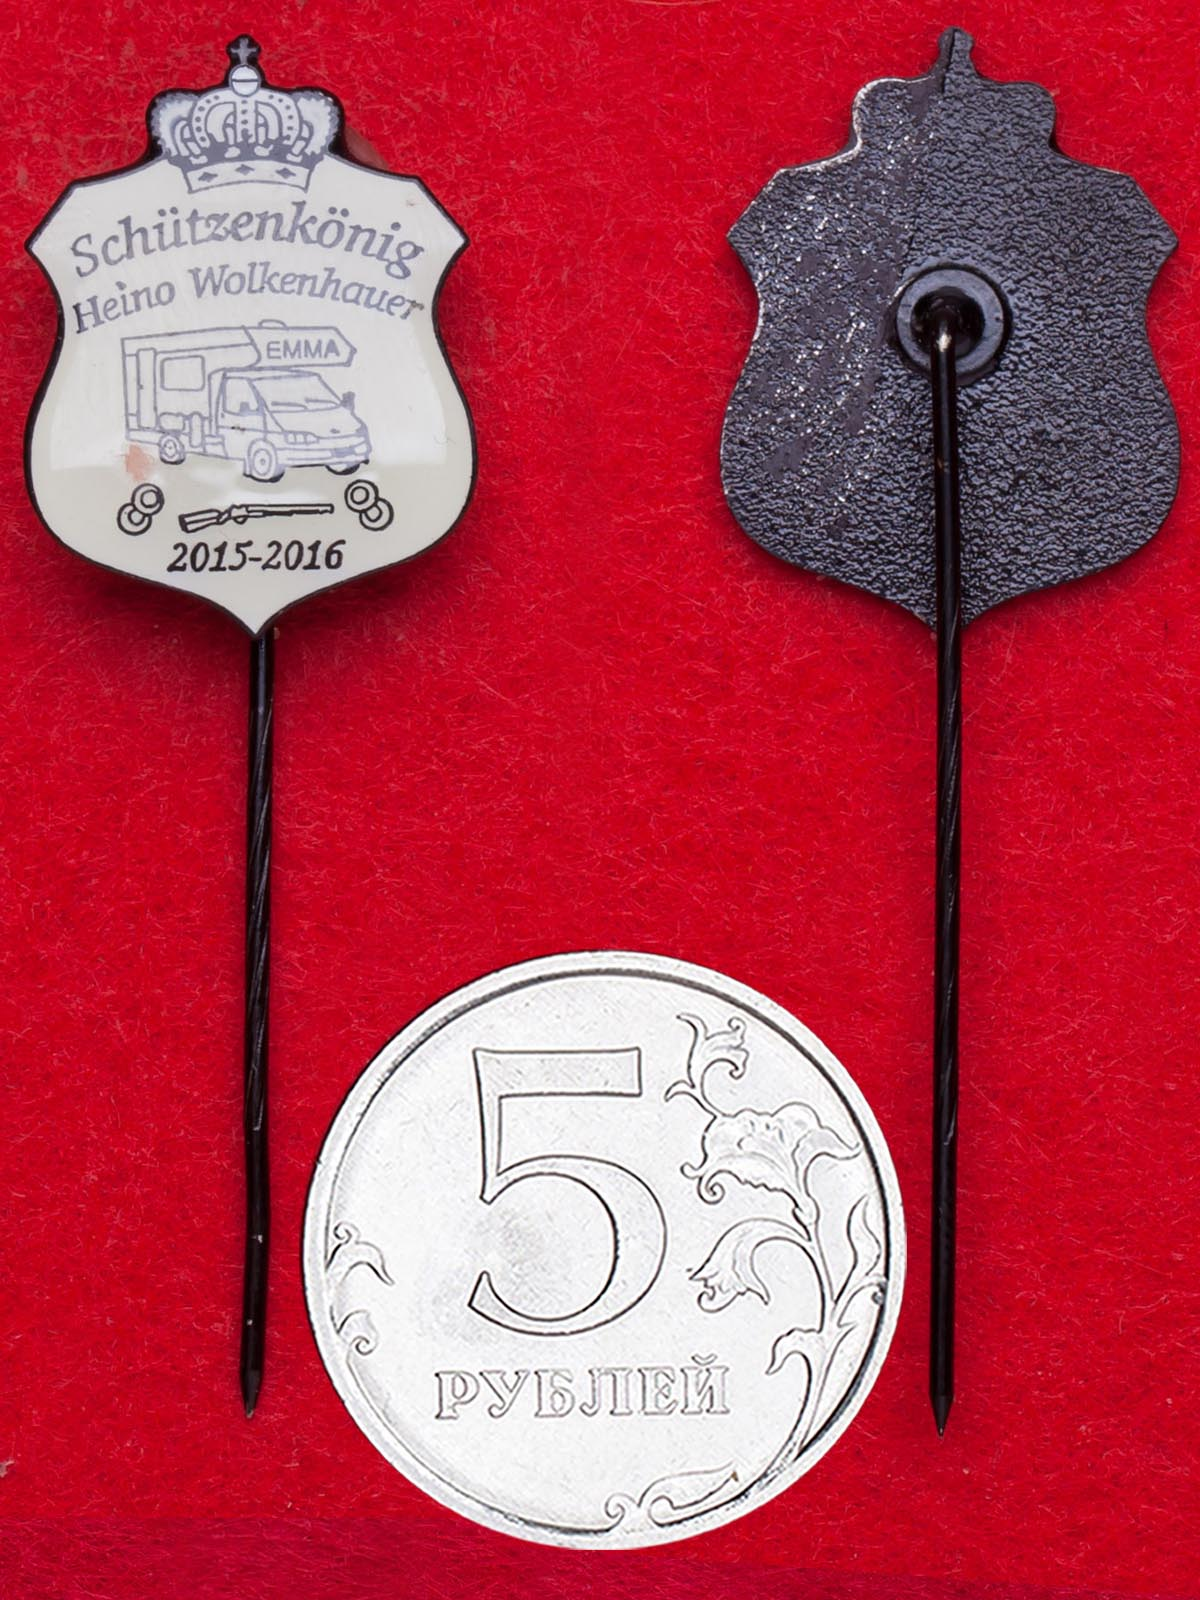 Значок победителя стрелкового фестиваля в Гамбурге Хайно Волькенхауэра